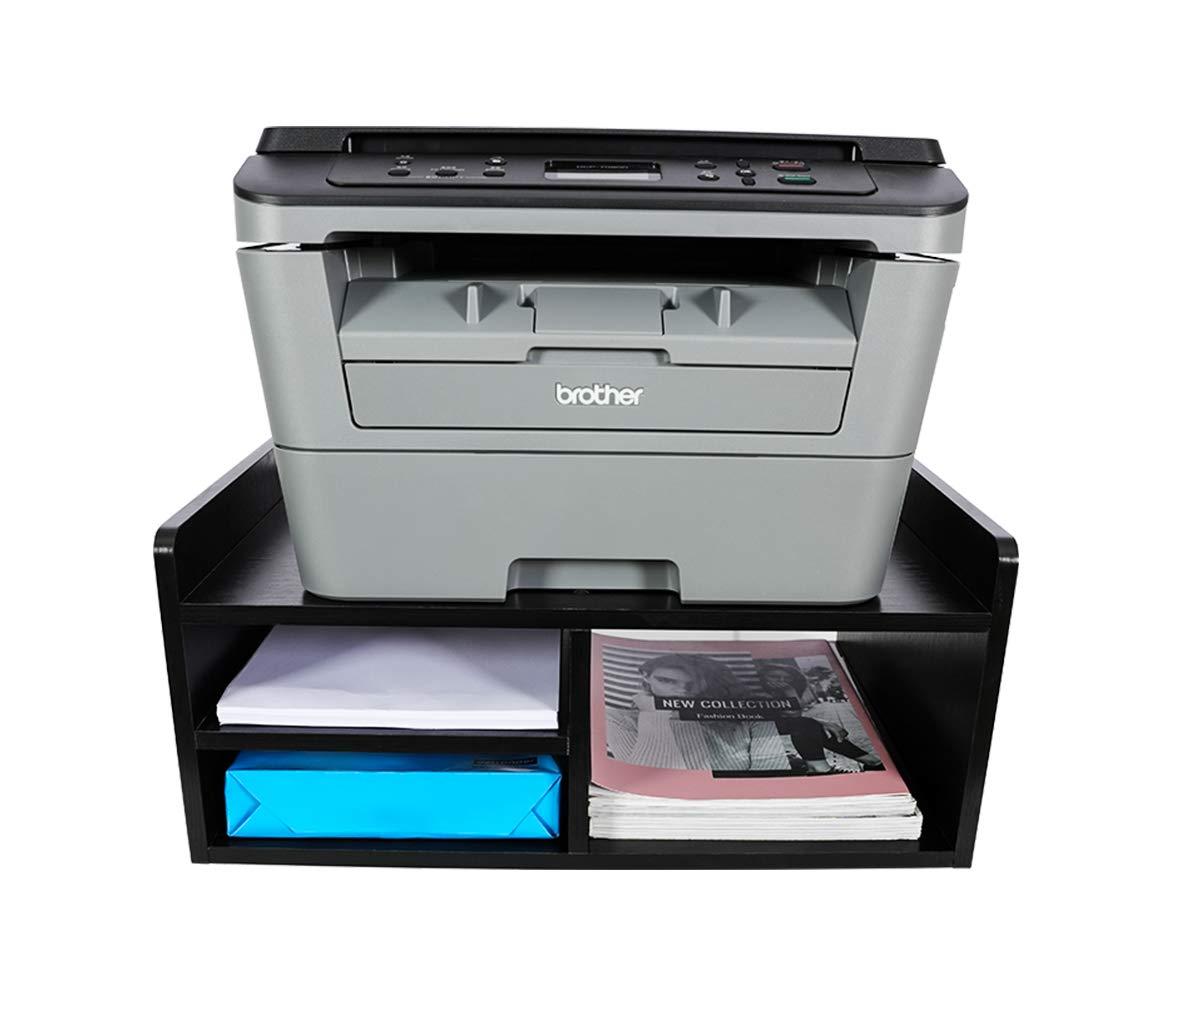 Fournitures de Bureau G/én/érique Support de Bureau en Bois /à 2 Niveaux pour imprimante Noir Organiseur de Papeterie fax